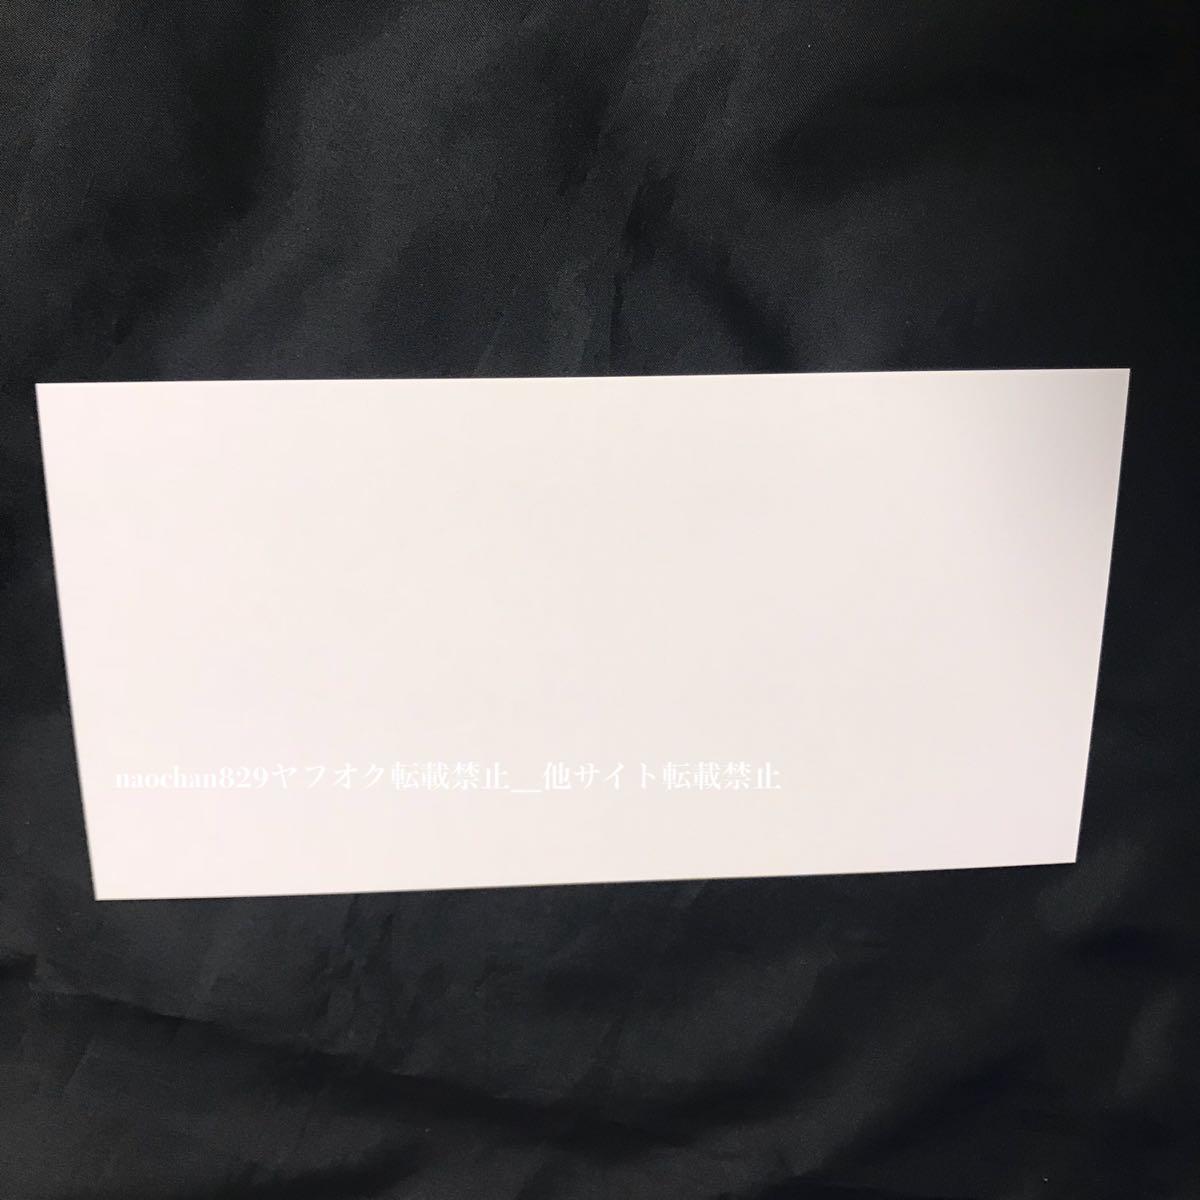 ◆ナヨン Nayeon◆タワレコ限定 大判ポストカード TWICE WAKE ME UP /トレカ フライヤー ハイタッチ CD サイン 非売品_画像3